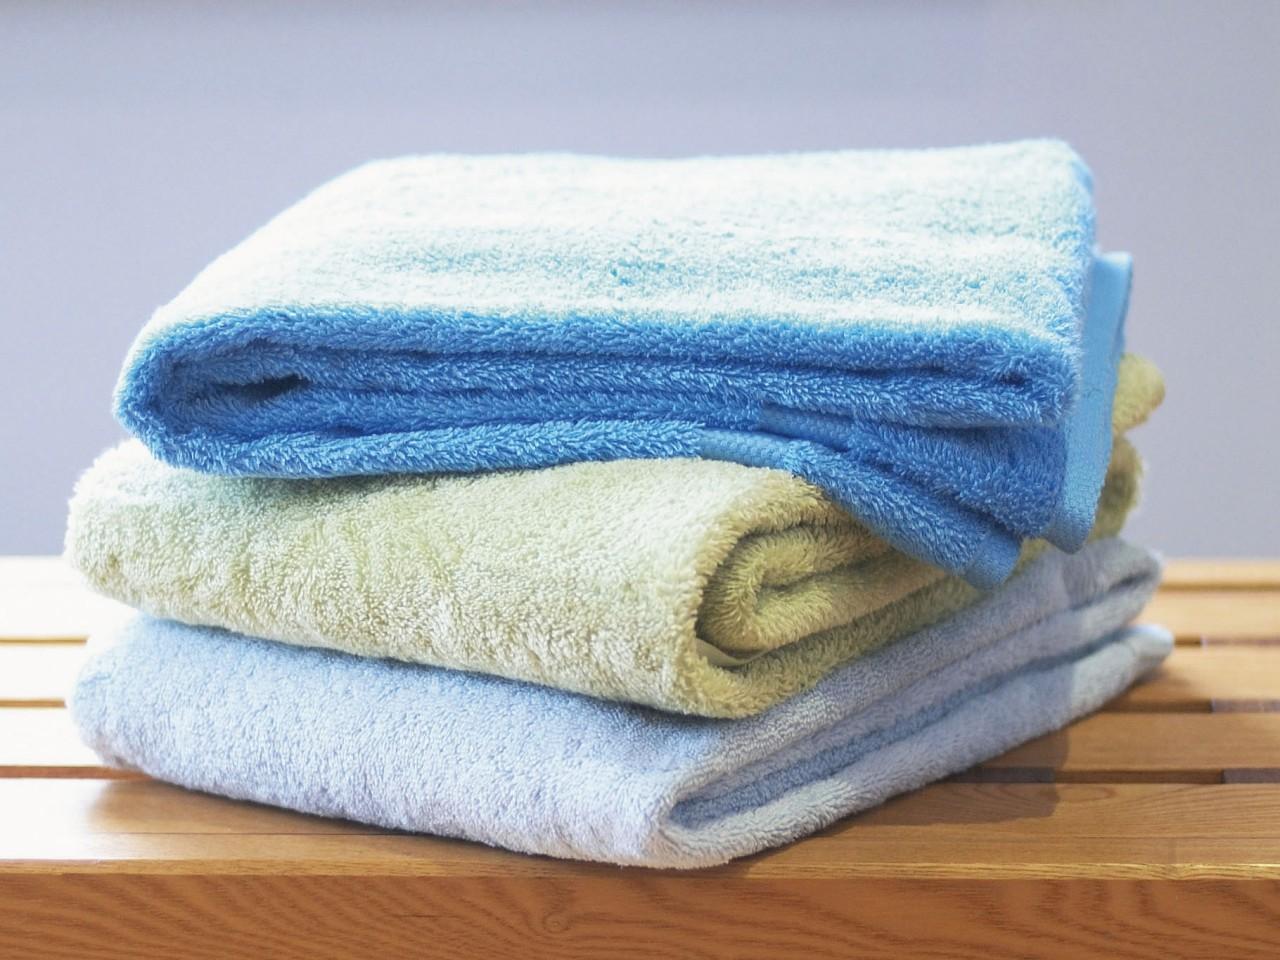 4 полотенце во сне: одним – любовь и согласие, другим – обман и болезни.